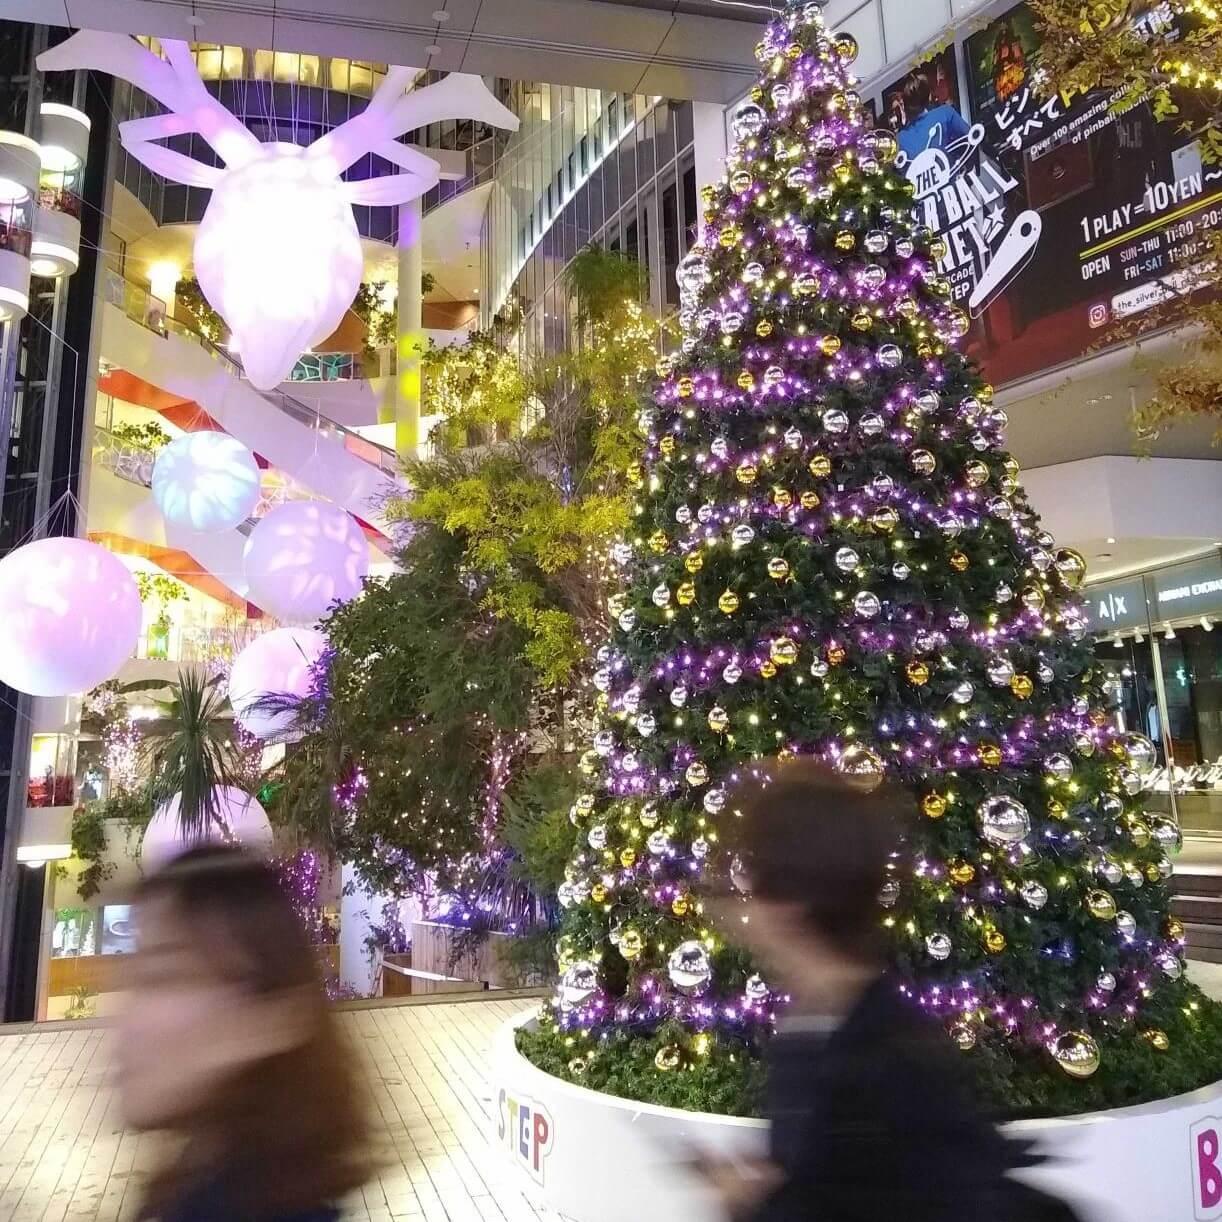 Christmas decorations in America-mura, Osaka